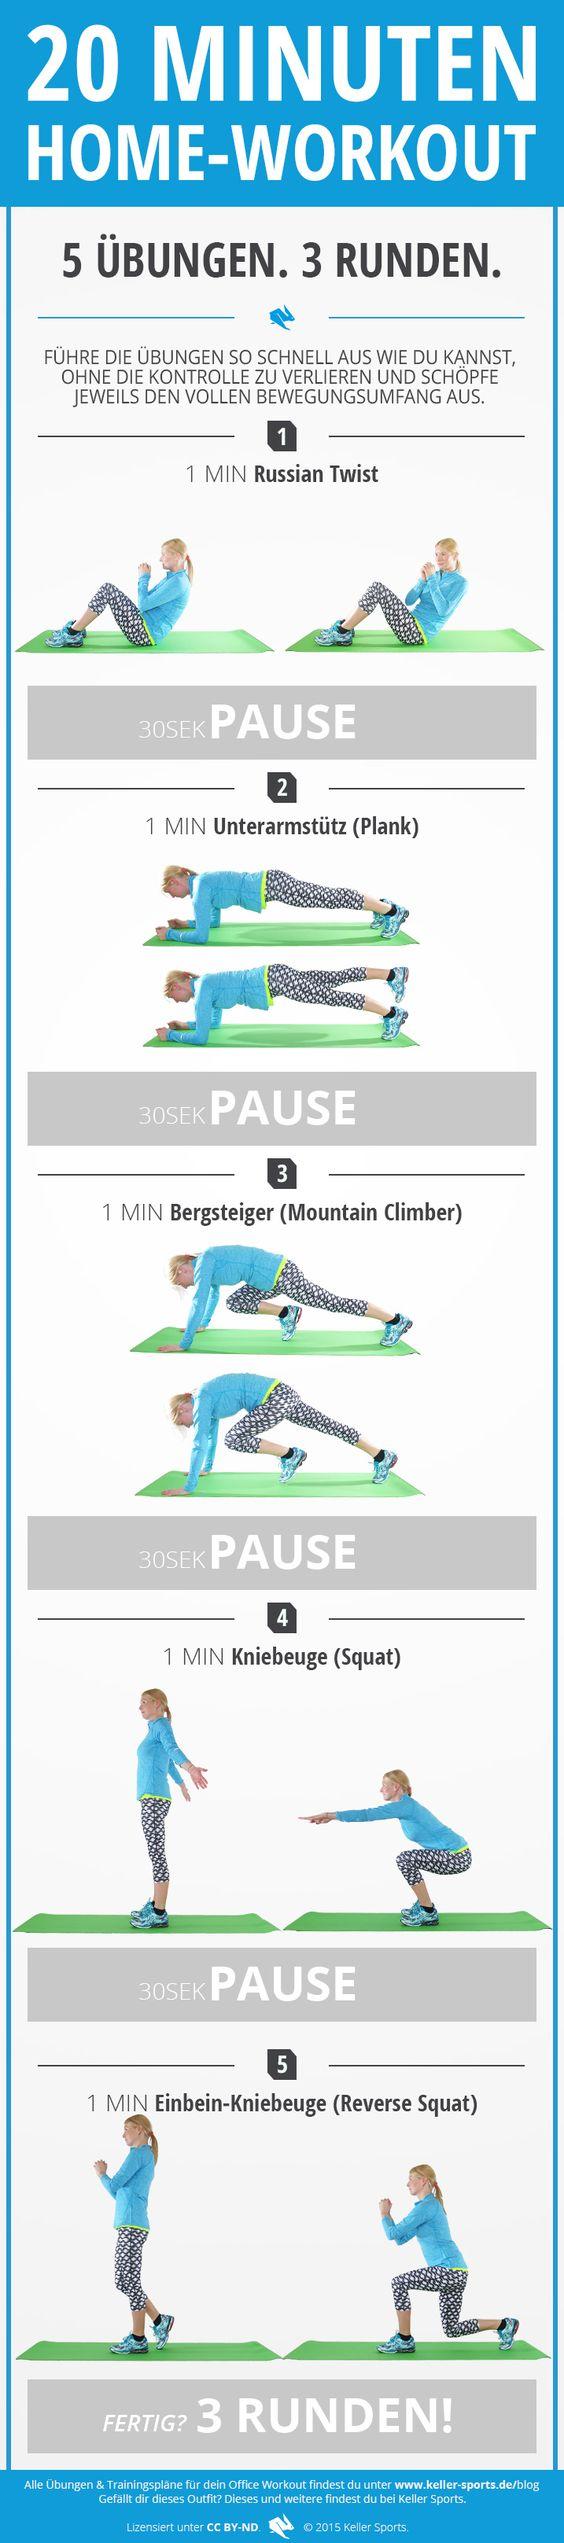 Du möchtest dich nach der Arbeit noch ein wenig auspowern? Mit unseren Übungen kannst du zuhause ein kleines Workout starten und dich fit halten.